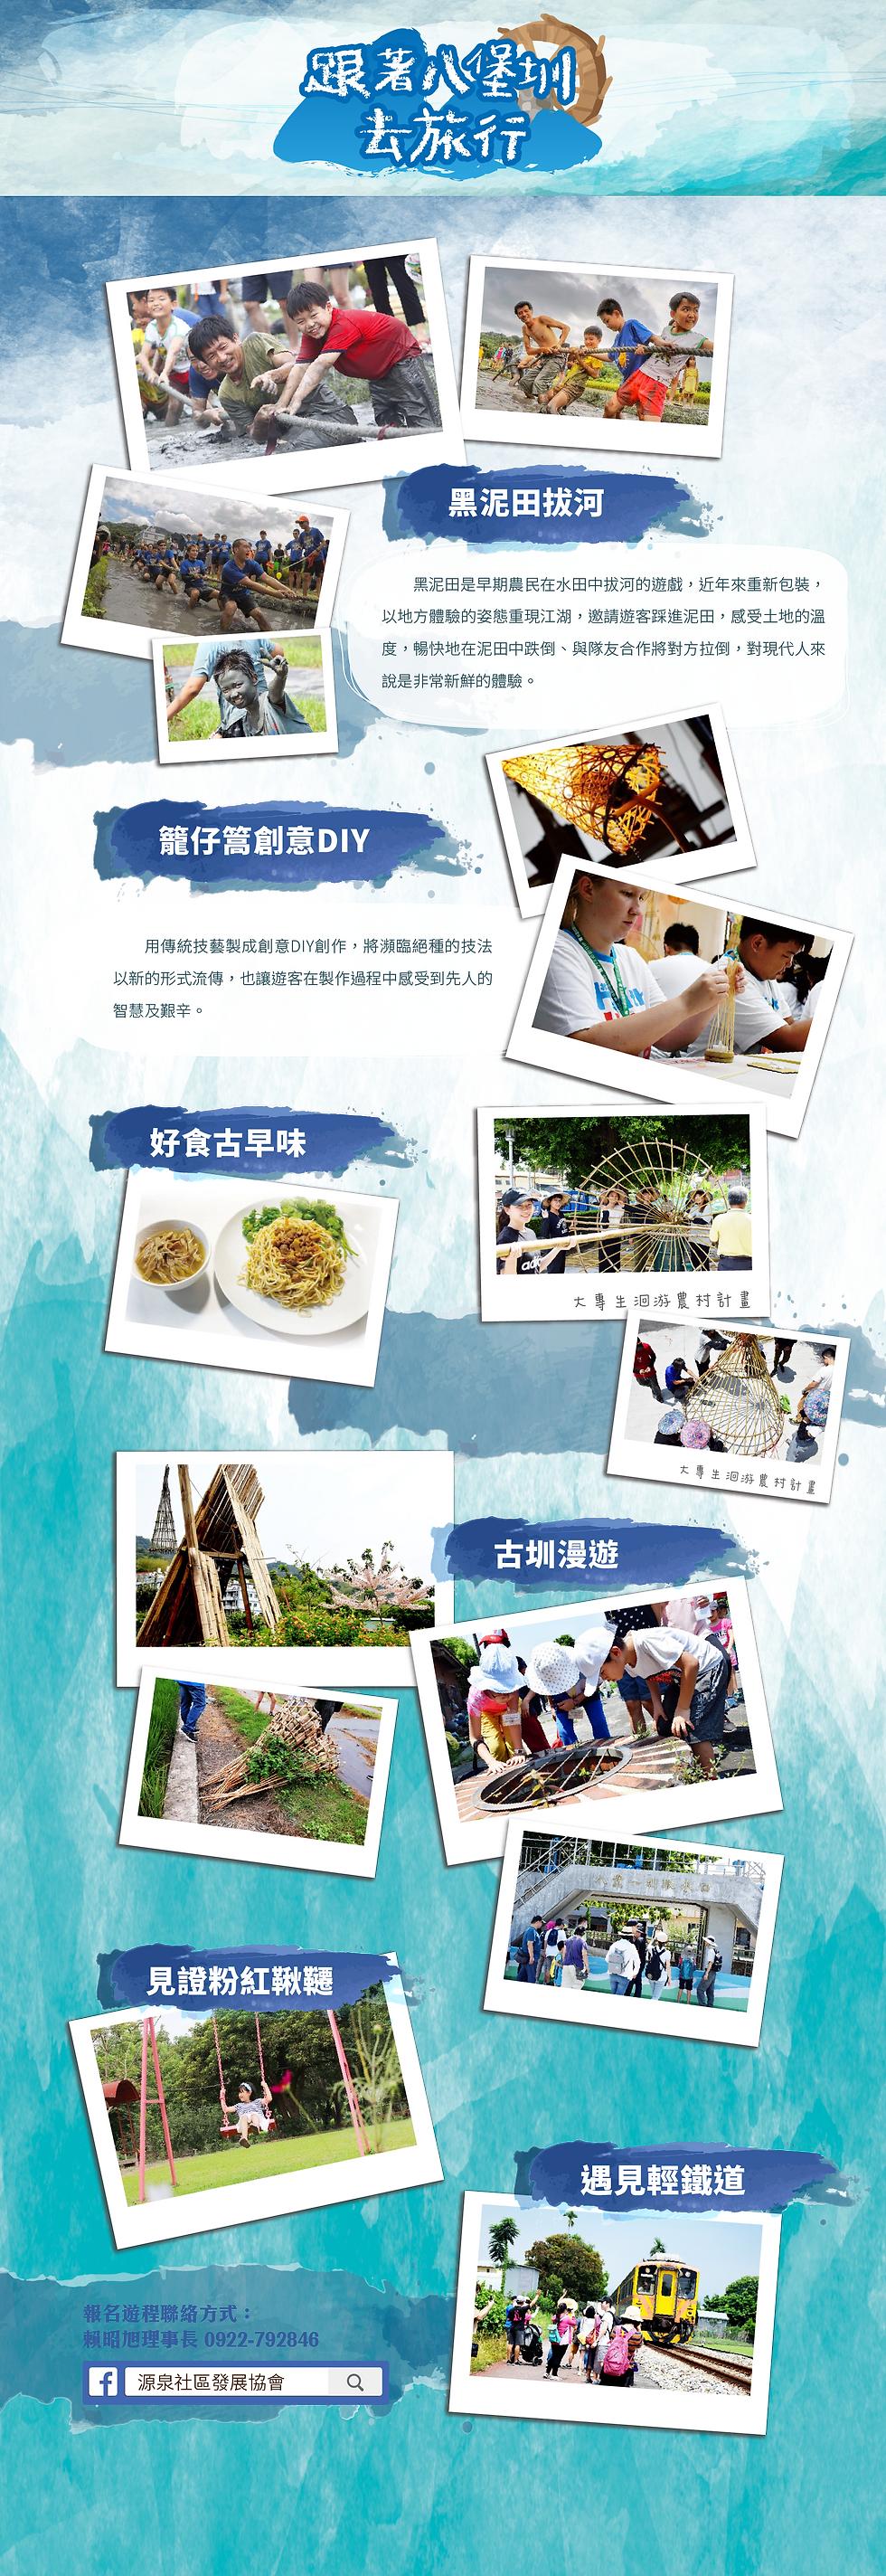 源泉八堡圳頁面-03.png